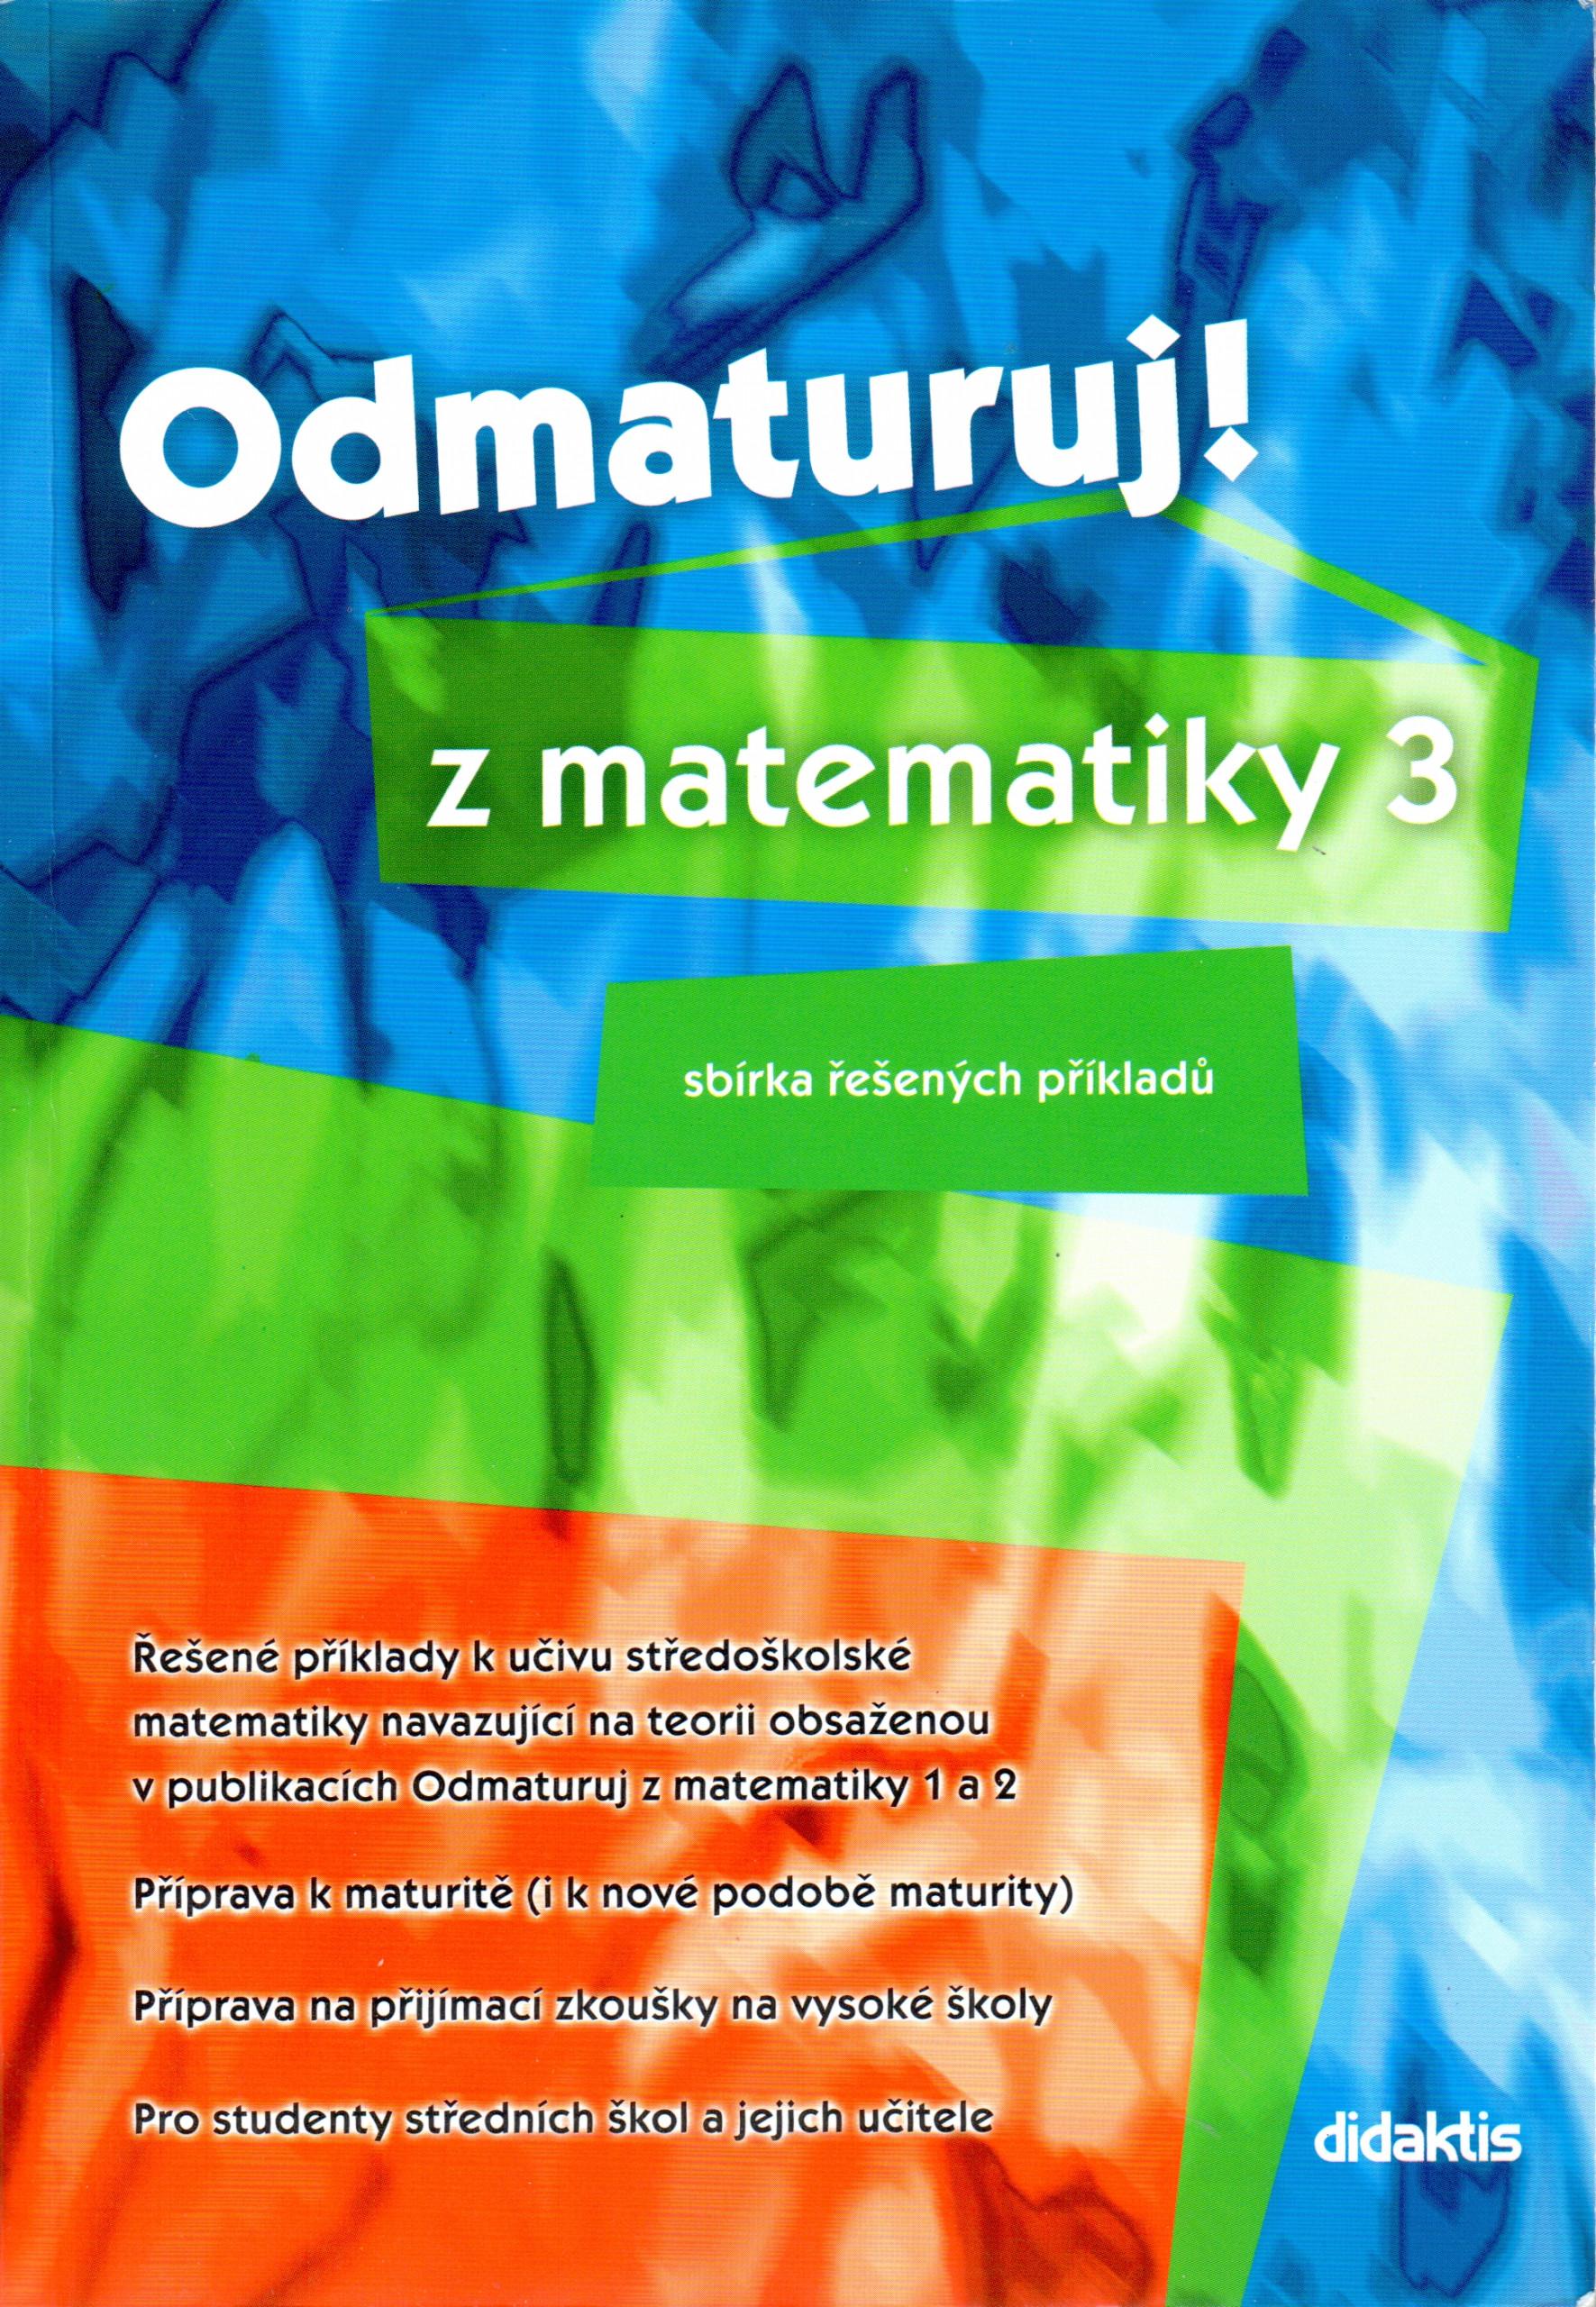 Odmaturuj! z matematiky 3 - Náhled učebnice